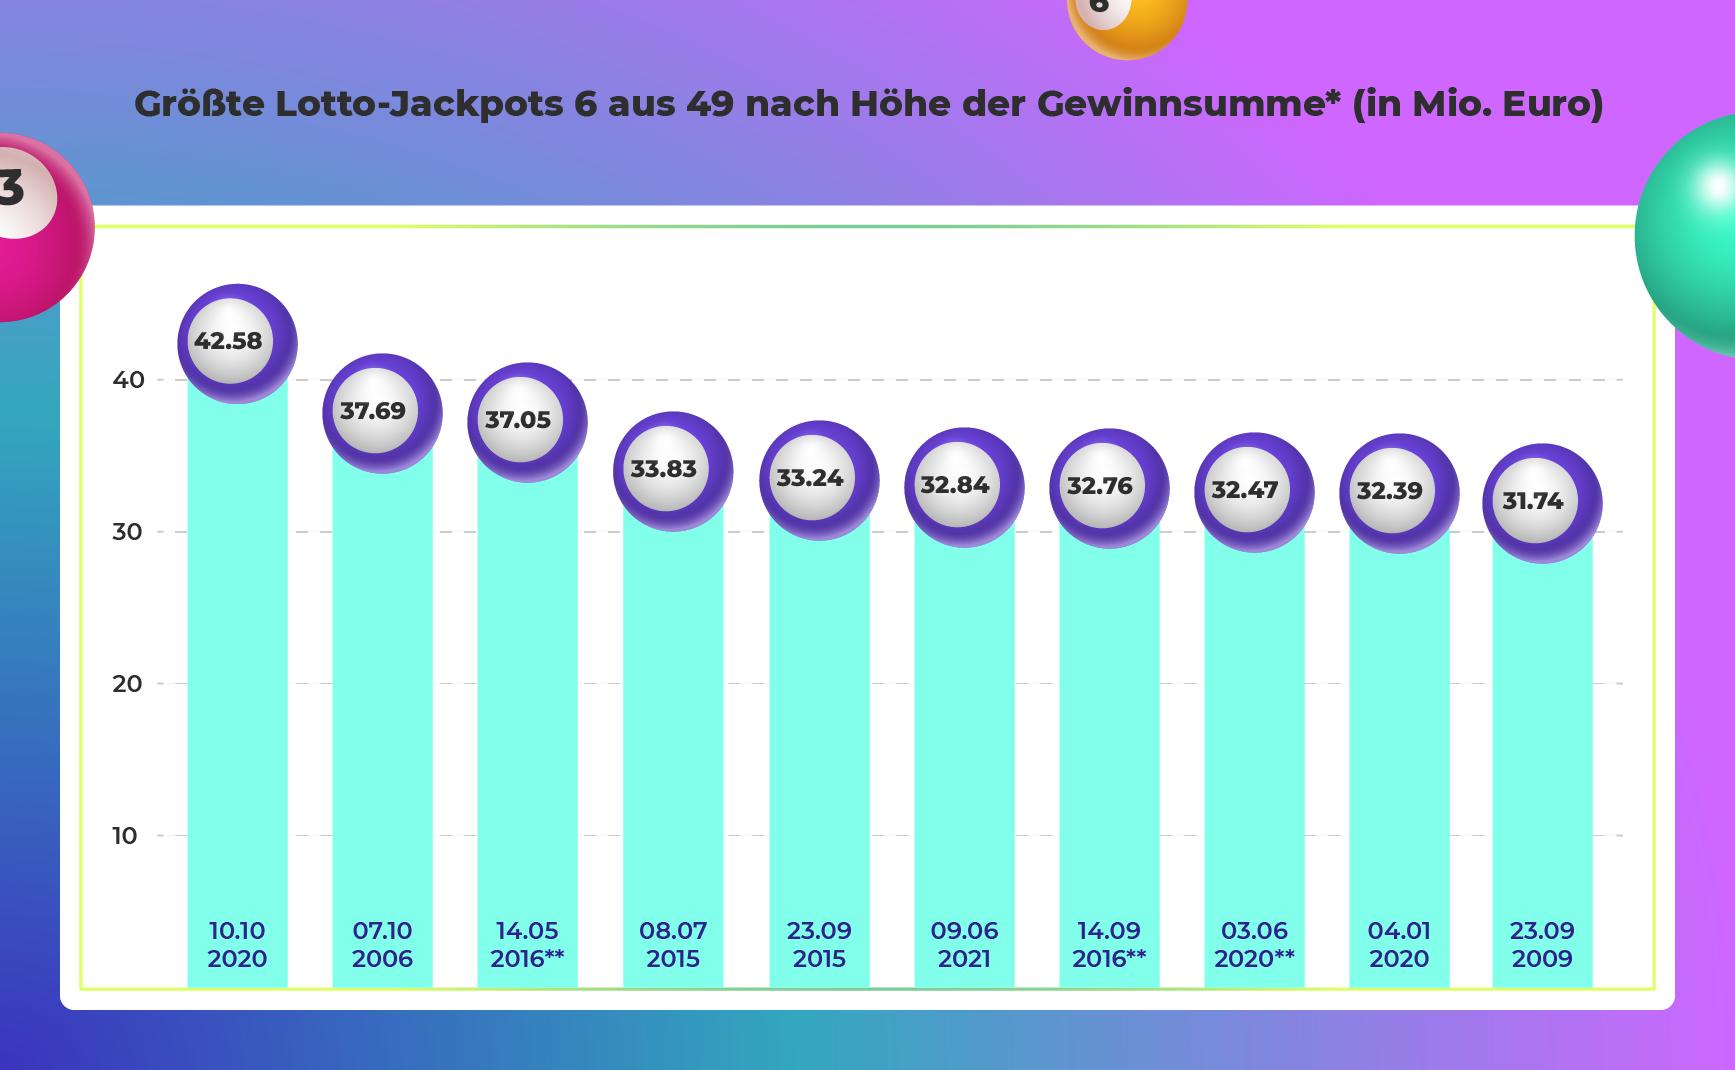 Lotto Gewinner Geschichten: Größte Lotto Jackpots beim Lotto 6 aus 49 nach Höhe der Gewinnsumme in Mio. Euro (Bild: Lottozahlen.de)